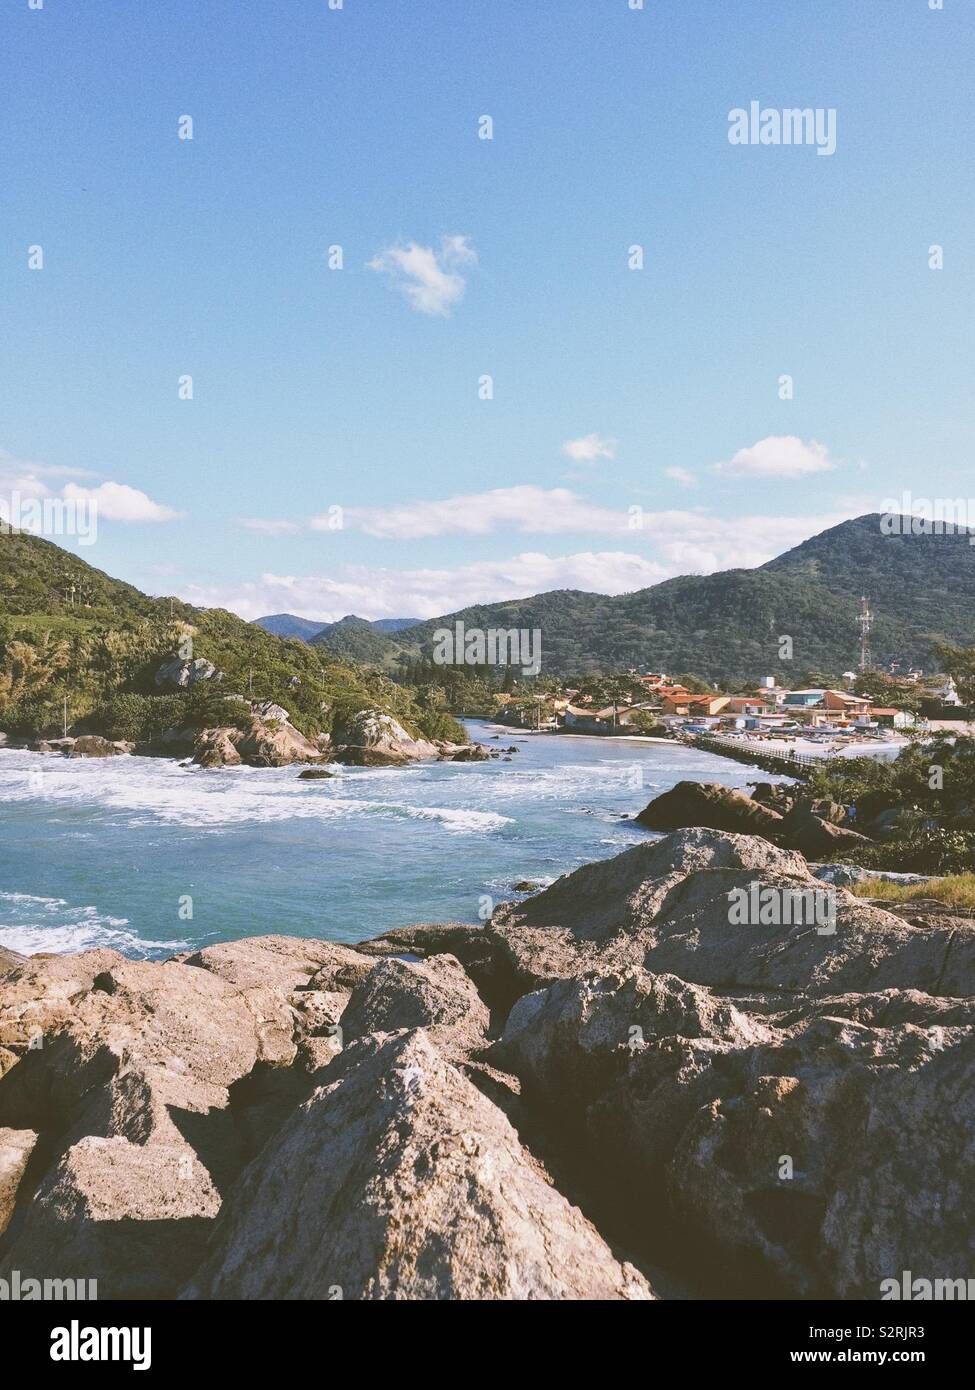 Armação do Pântano do Sul, Florianópolis - Stock Image